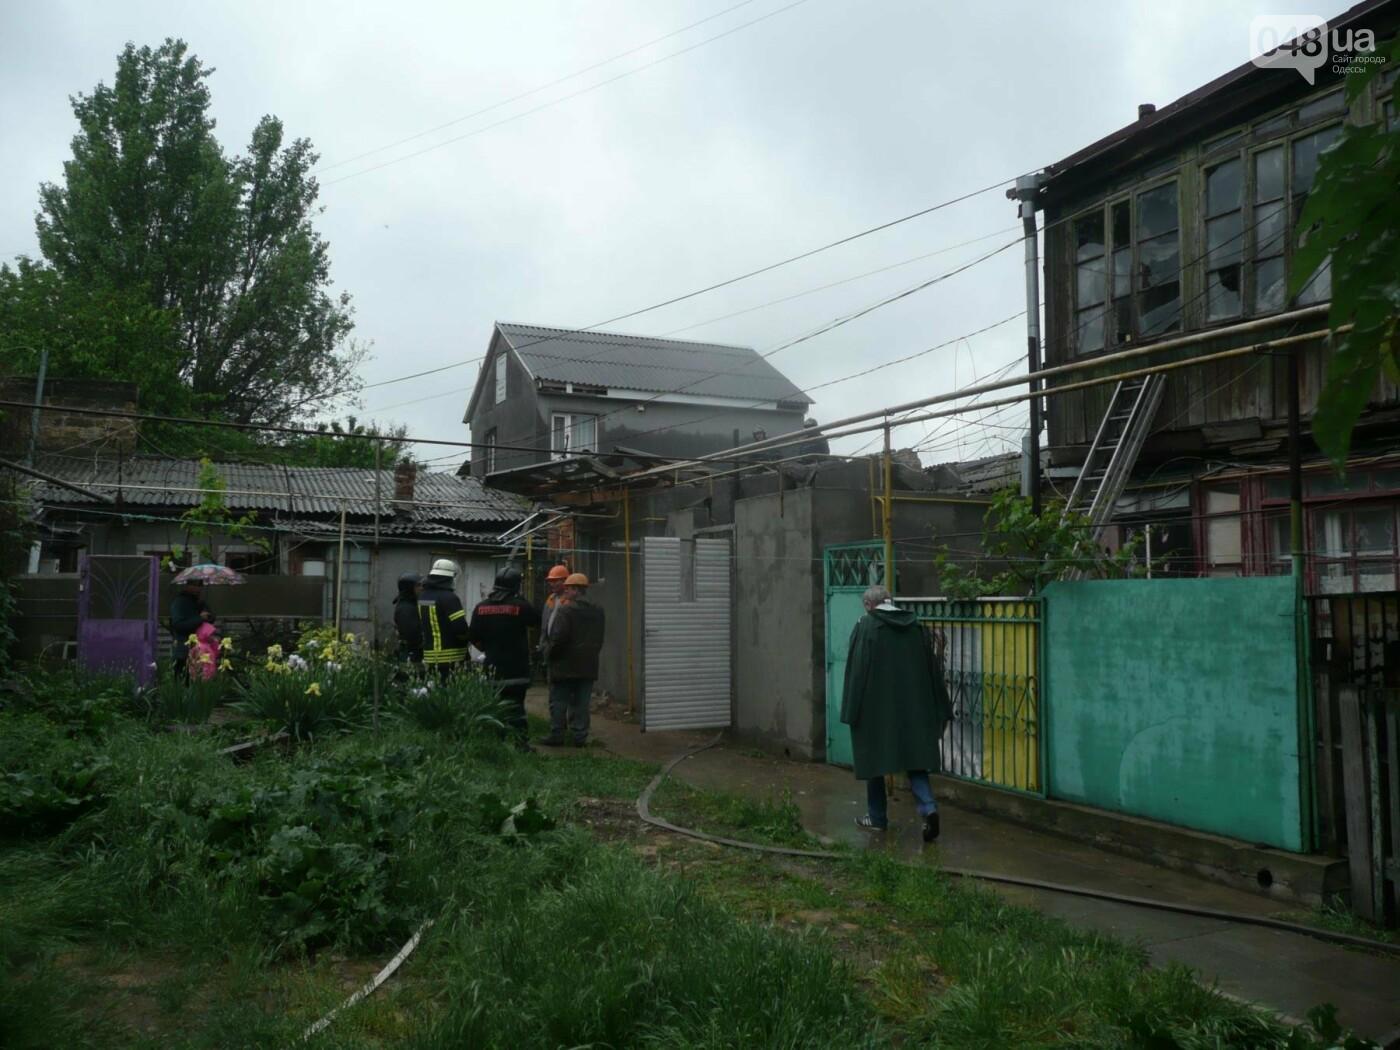 В Одессе в результате взрыва в здании обгорел мужчина, - ФОТО , фото-1